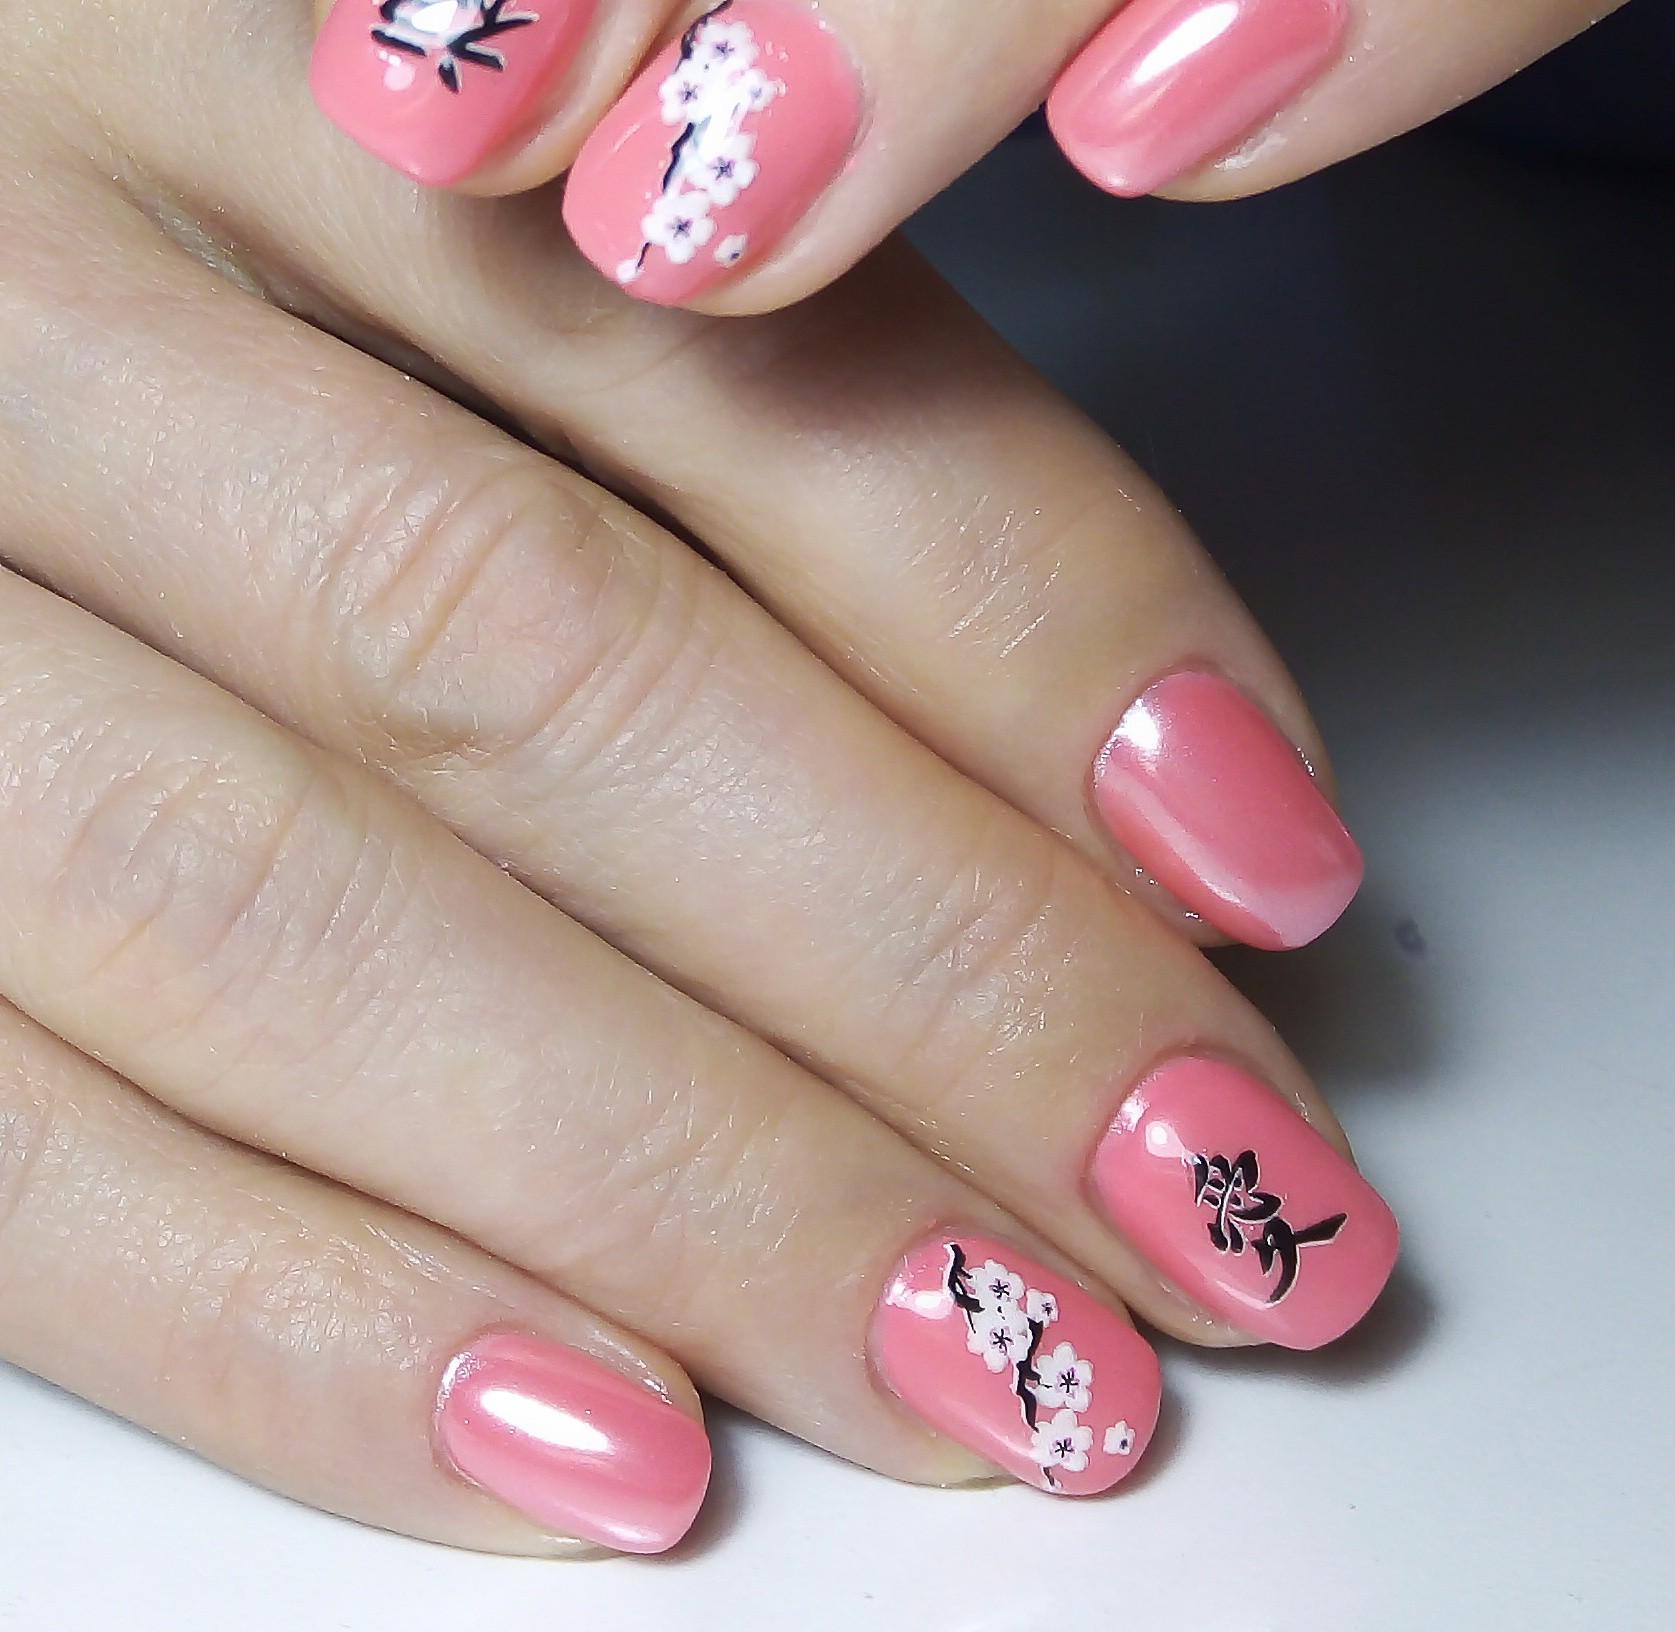 Маникюр с цветочным рисунком и втиркой в розовом цвете.